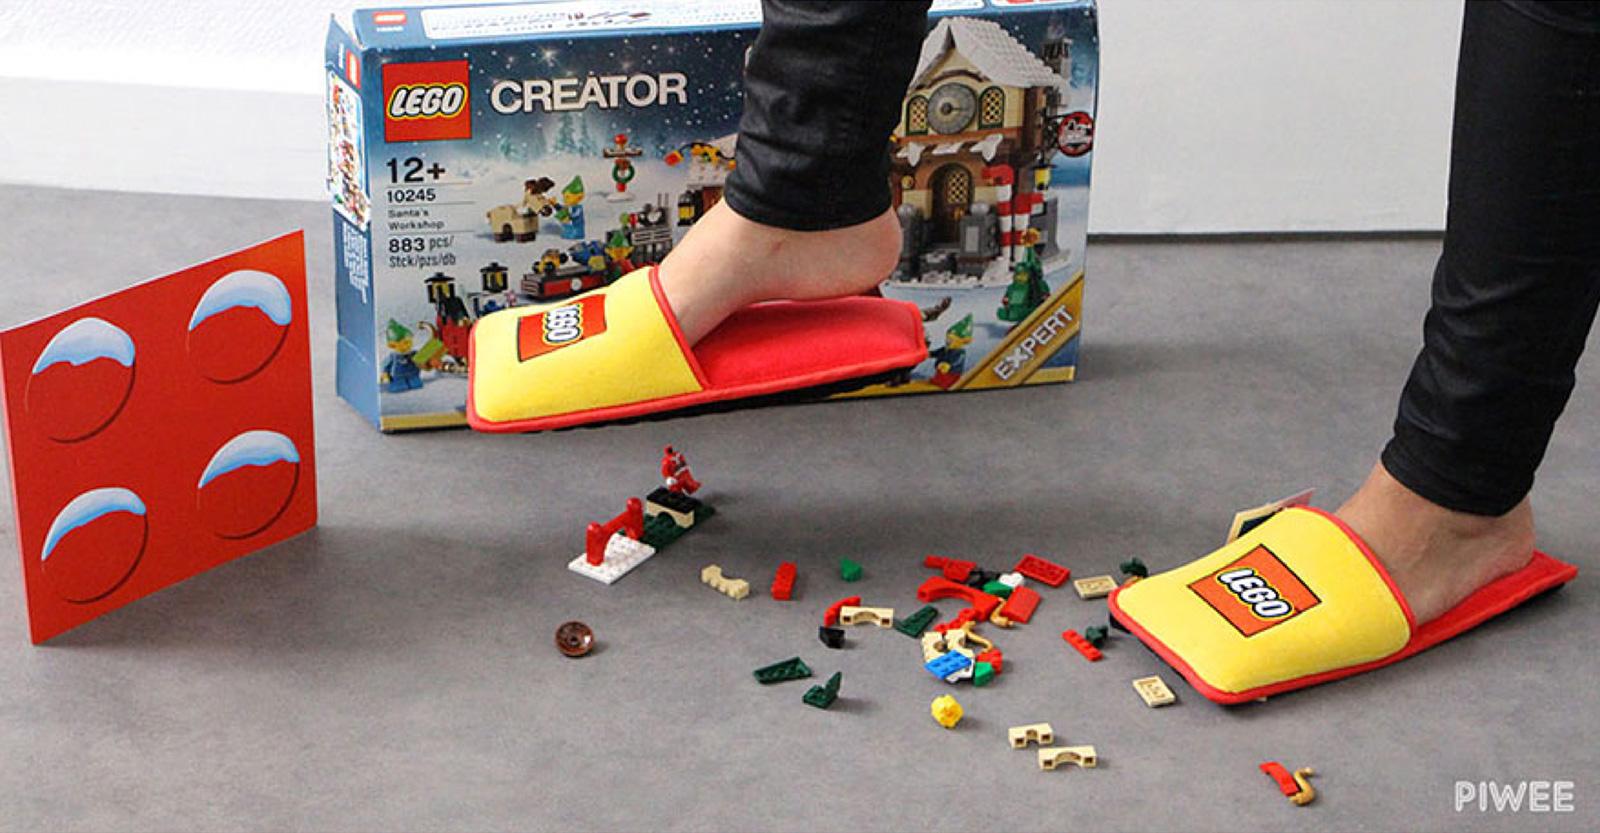 Họ thật sự bán mấy đôi dép này đấy. Nếu sản phẩm của bạn yêu cầu tôi phải tự bảo vệ mình khỏi nó trong nhà riêng của tôi, vấn đề nằm ở chính sản phẩm chứ không phải tôi. Credit: BRAND STATION / LEGO / Piwee.